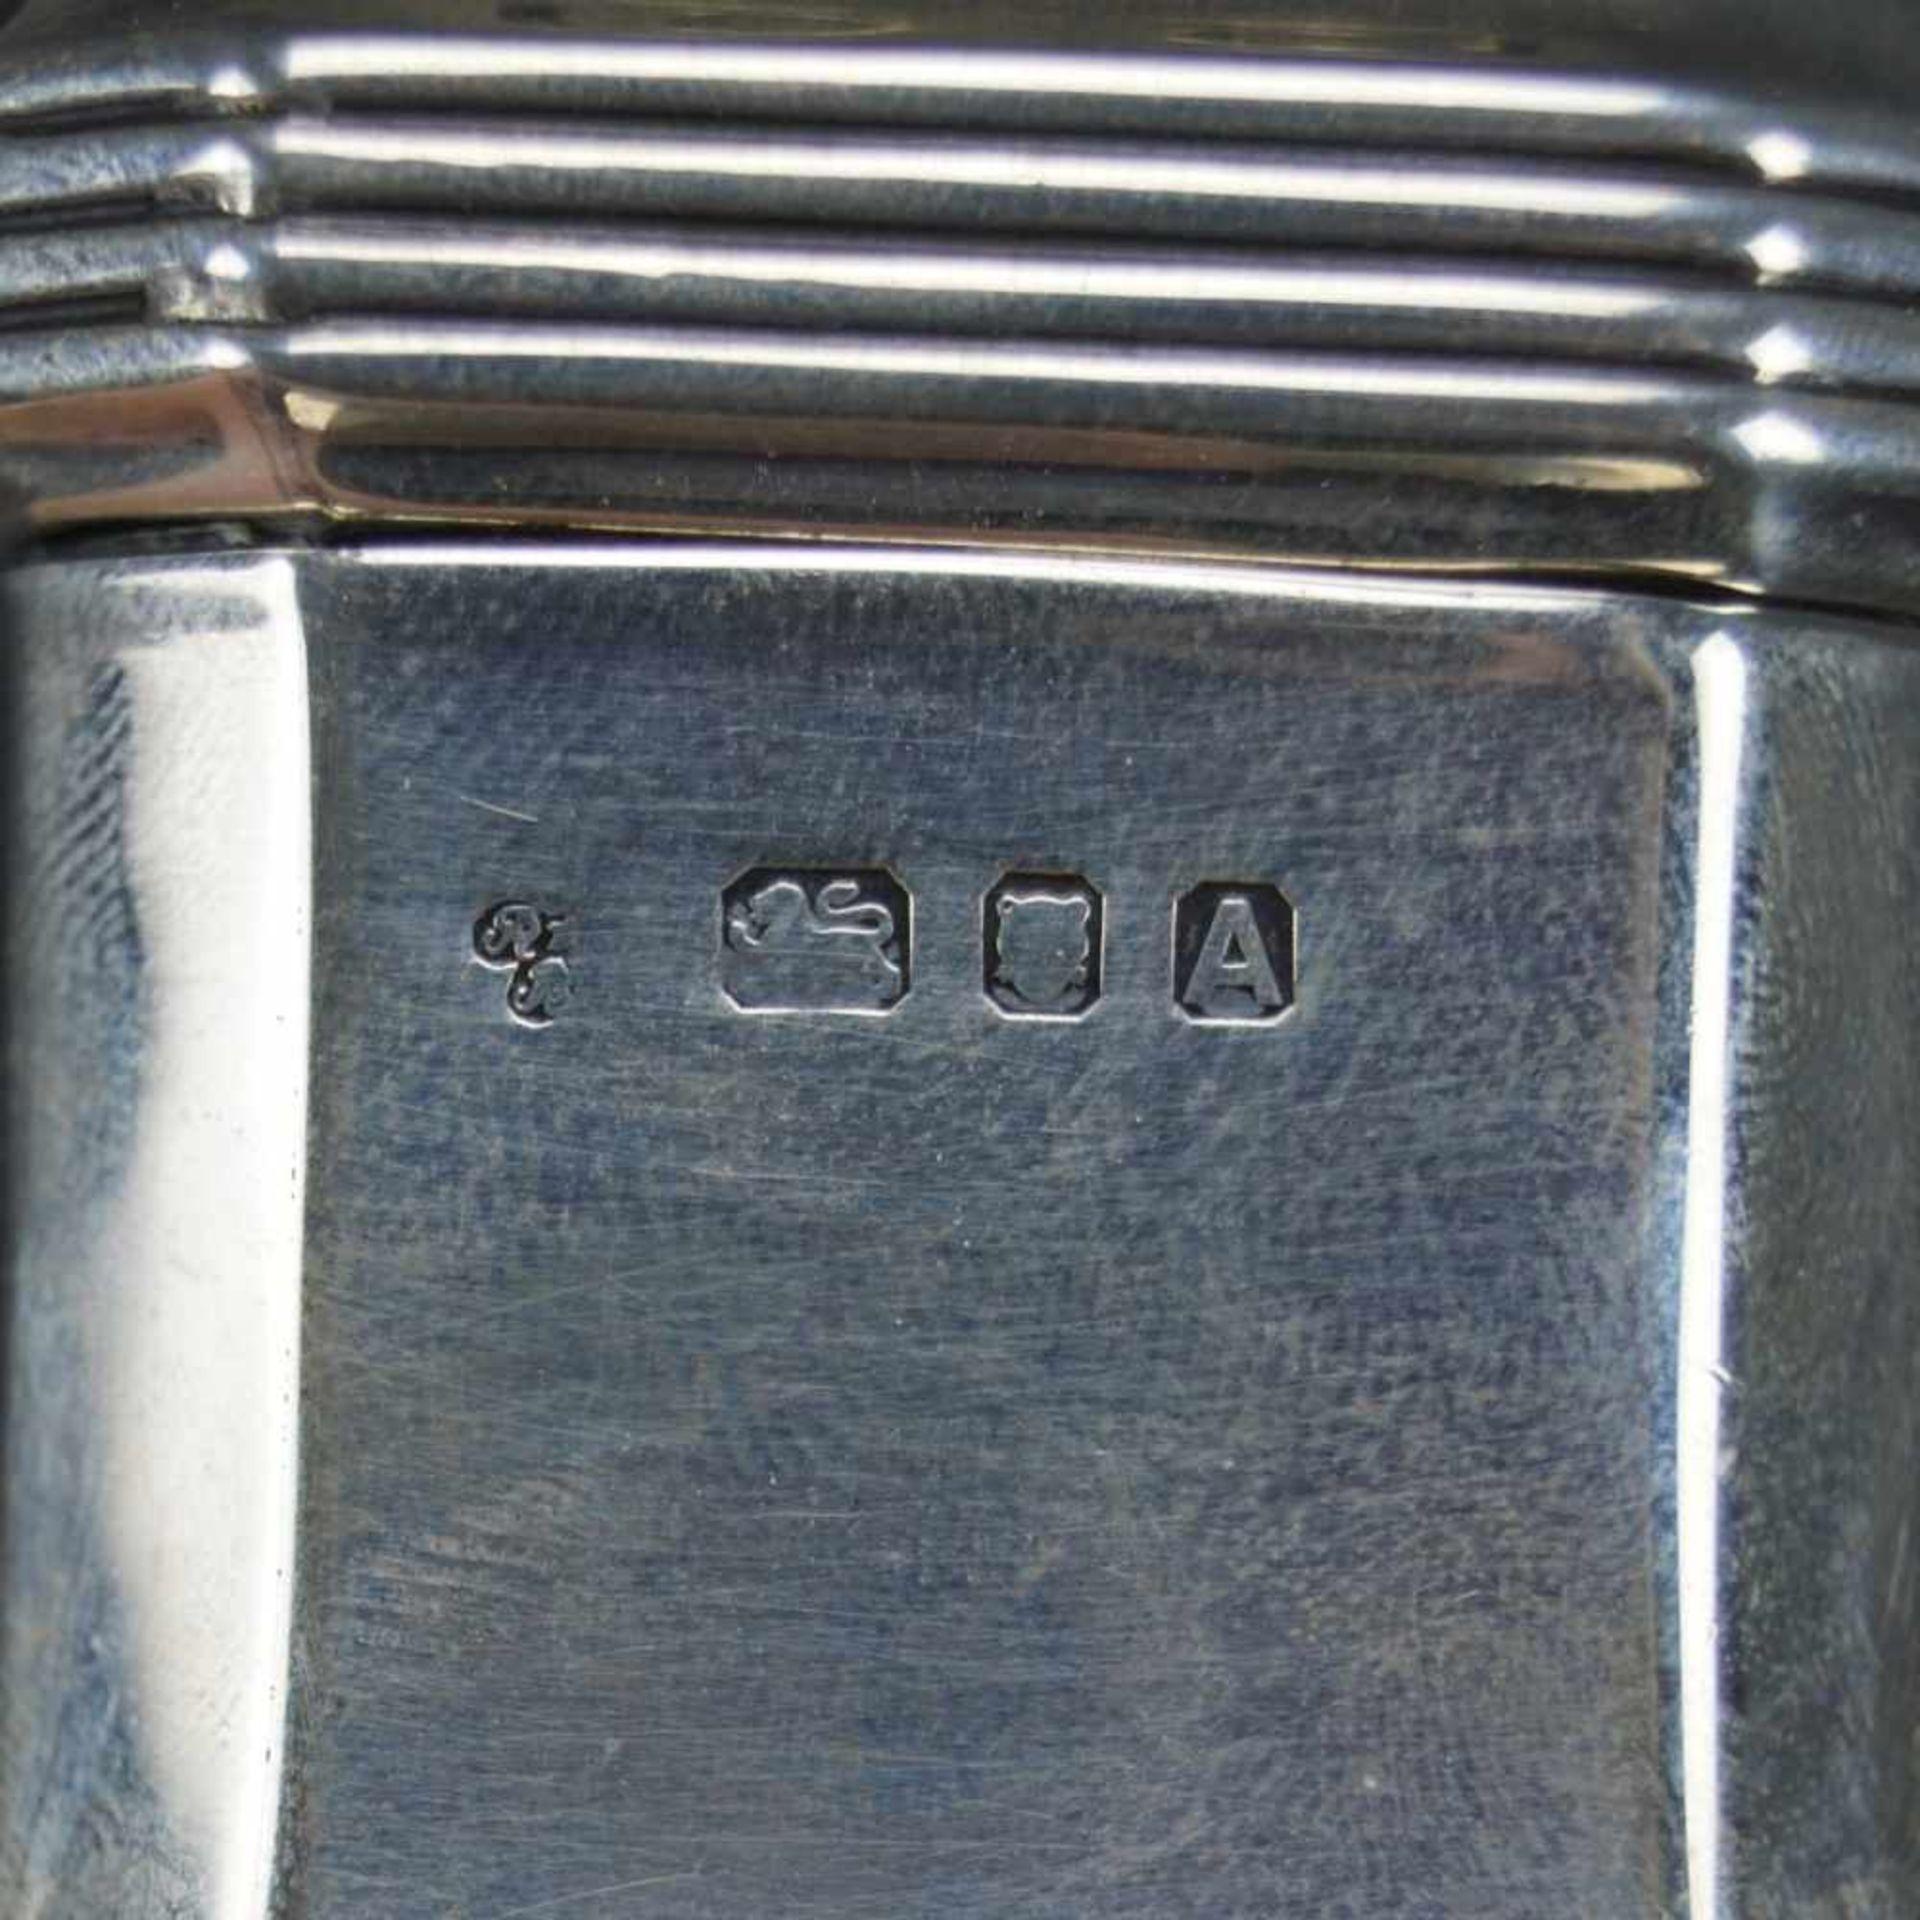 Zuckerstreuer, EnglandSterling Silber, London, Richard Woodman Burbridge, 1936, gepunzt, Höhe 18,5 - Bild 3 aus 3